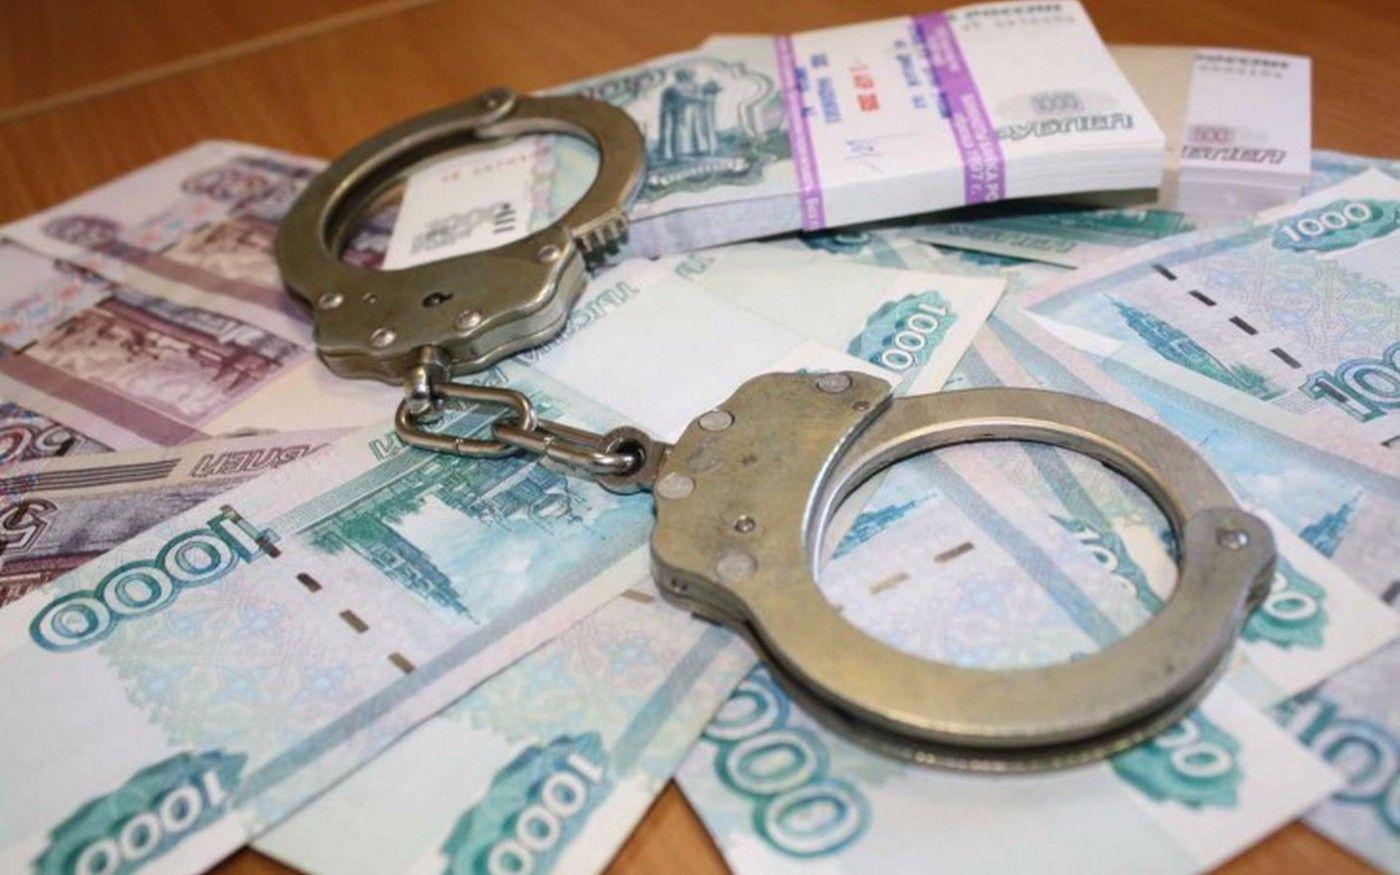 ВСтавропольском крае полицейские задержали мошенников, похитивших 8 млн. руб.